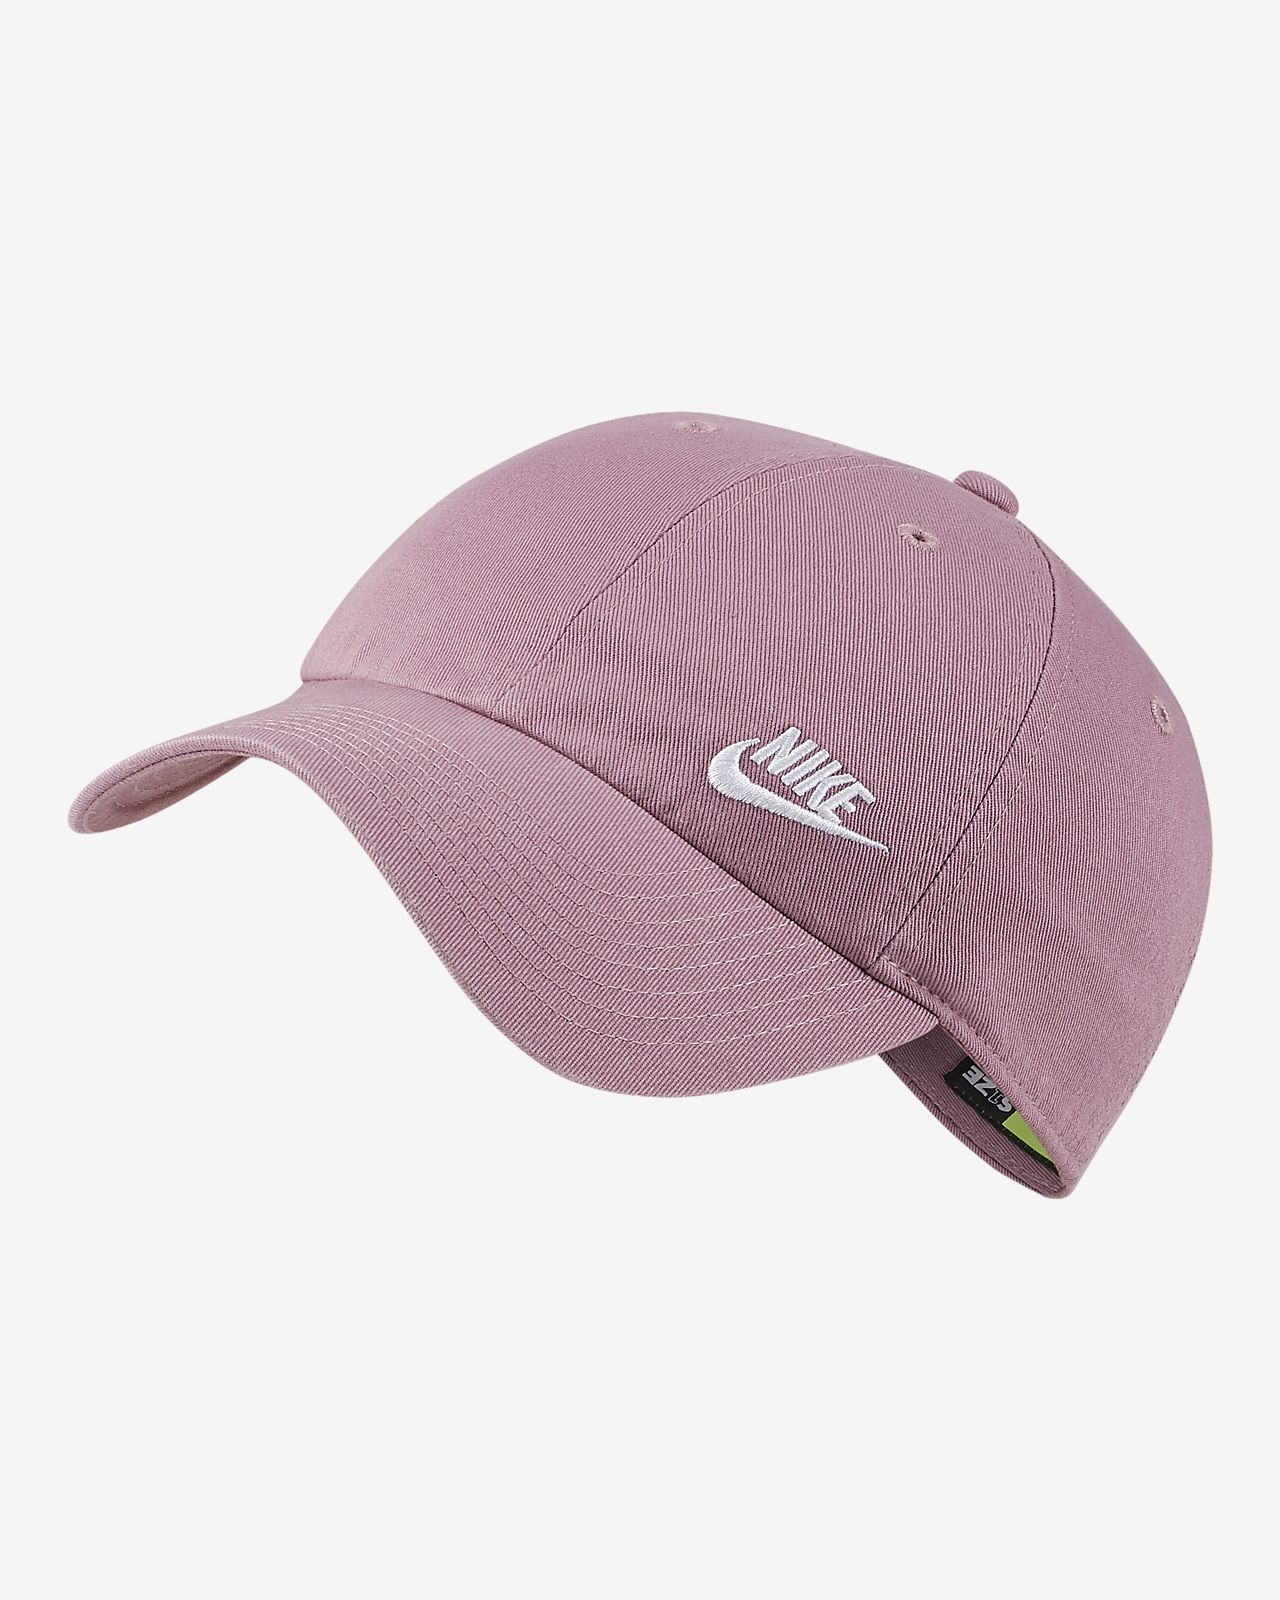 6b8724d938b Nike Sportswear Heritage 86 Futura Adjustable Hat. Nike.com